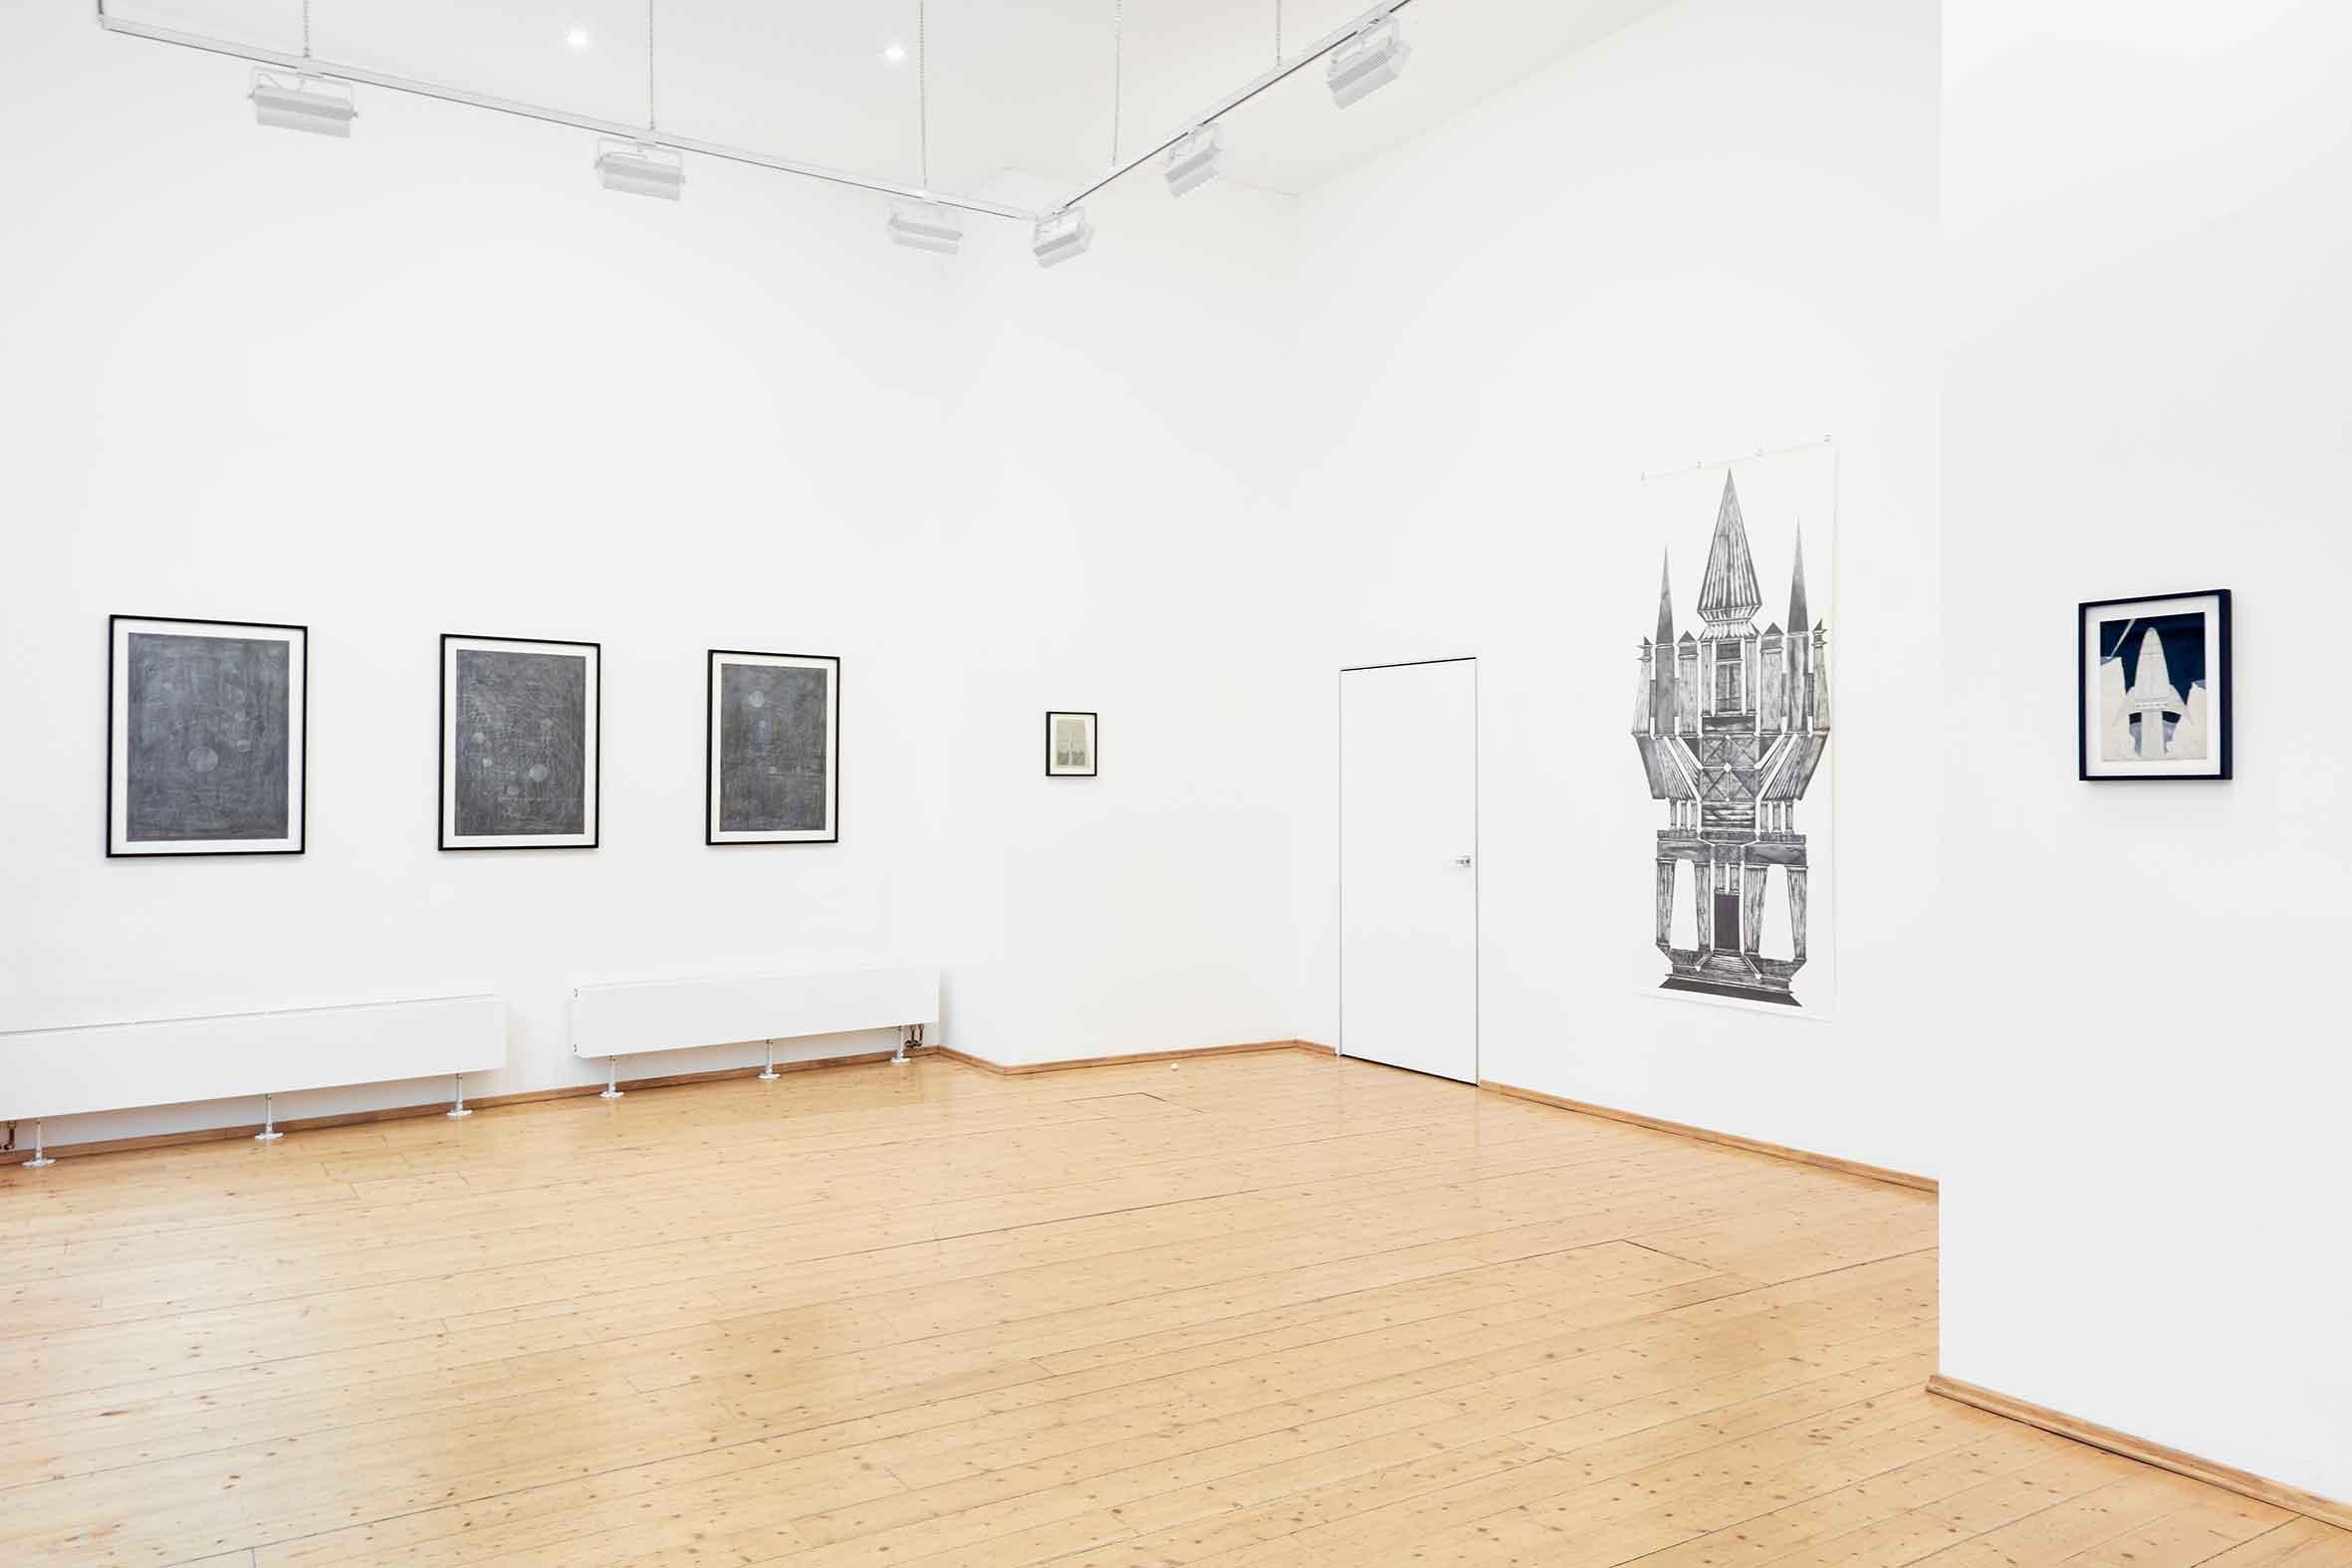 """Ausstellungsansicht """"WE DREAMED OF A PAST FUTURE - Andreas Werner"""", VILTIN Gallery Budapest 2019 (Foto: VILTIN Gallery / Dávid Biró)"""